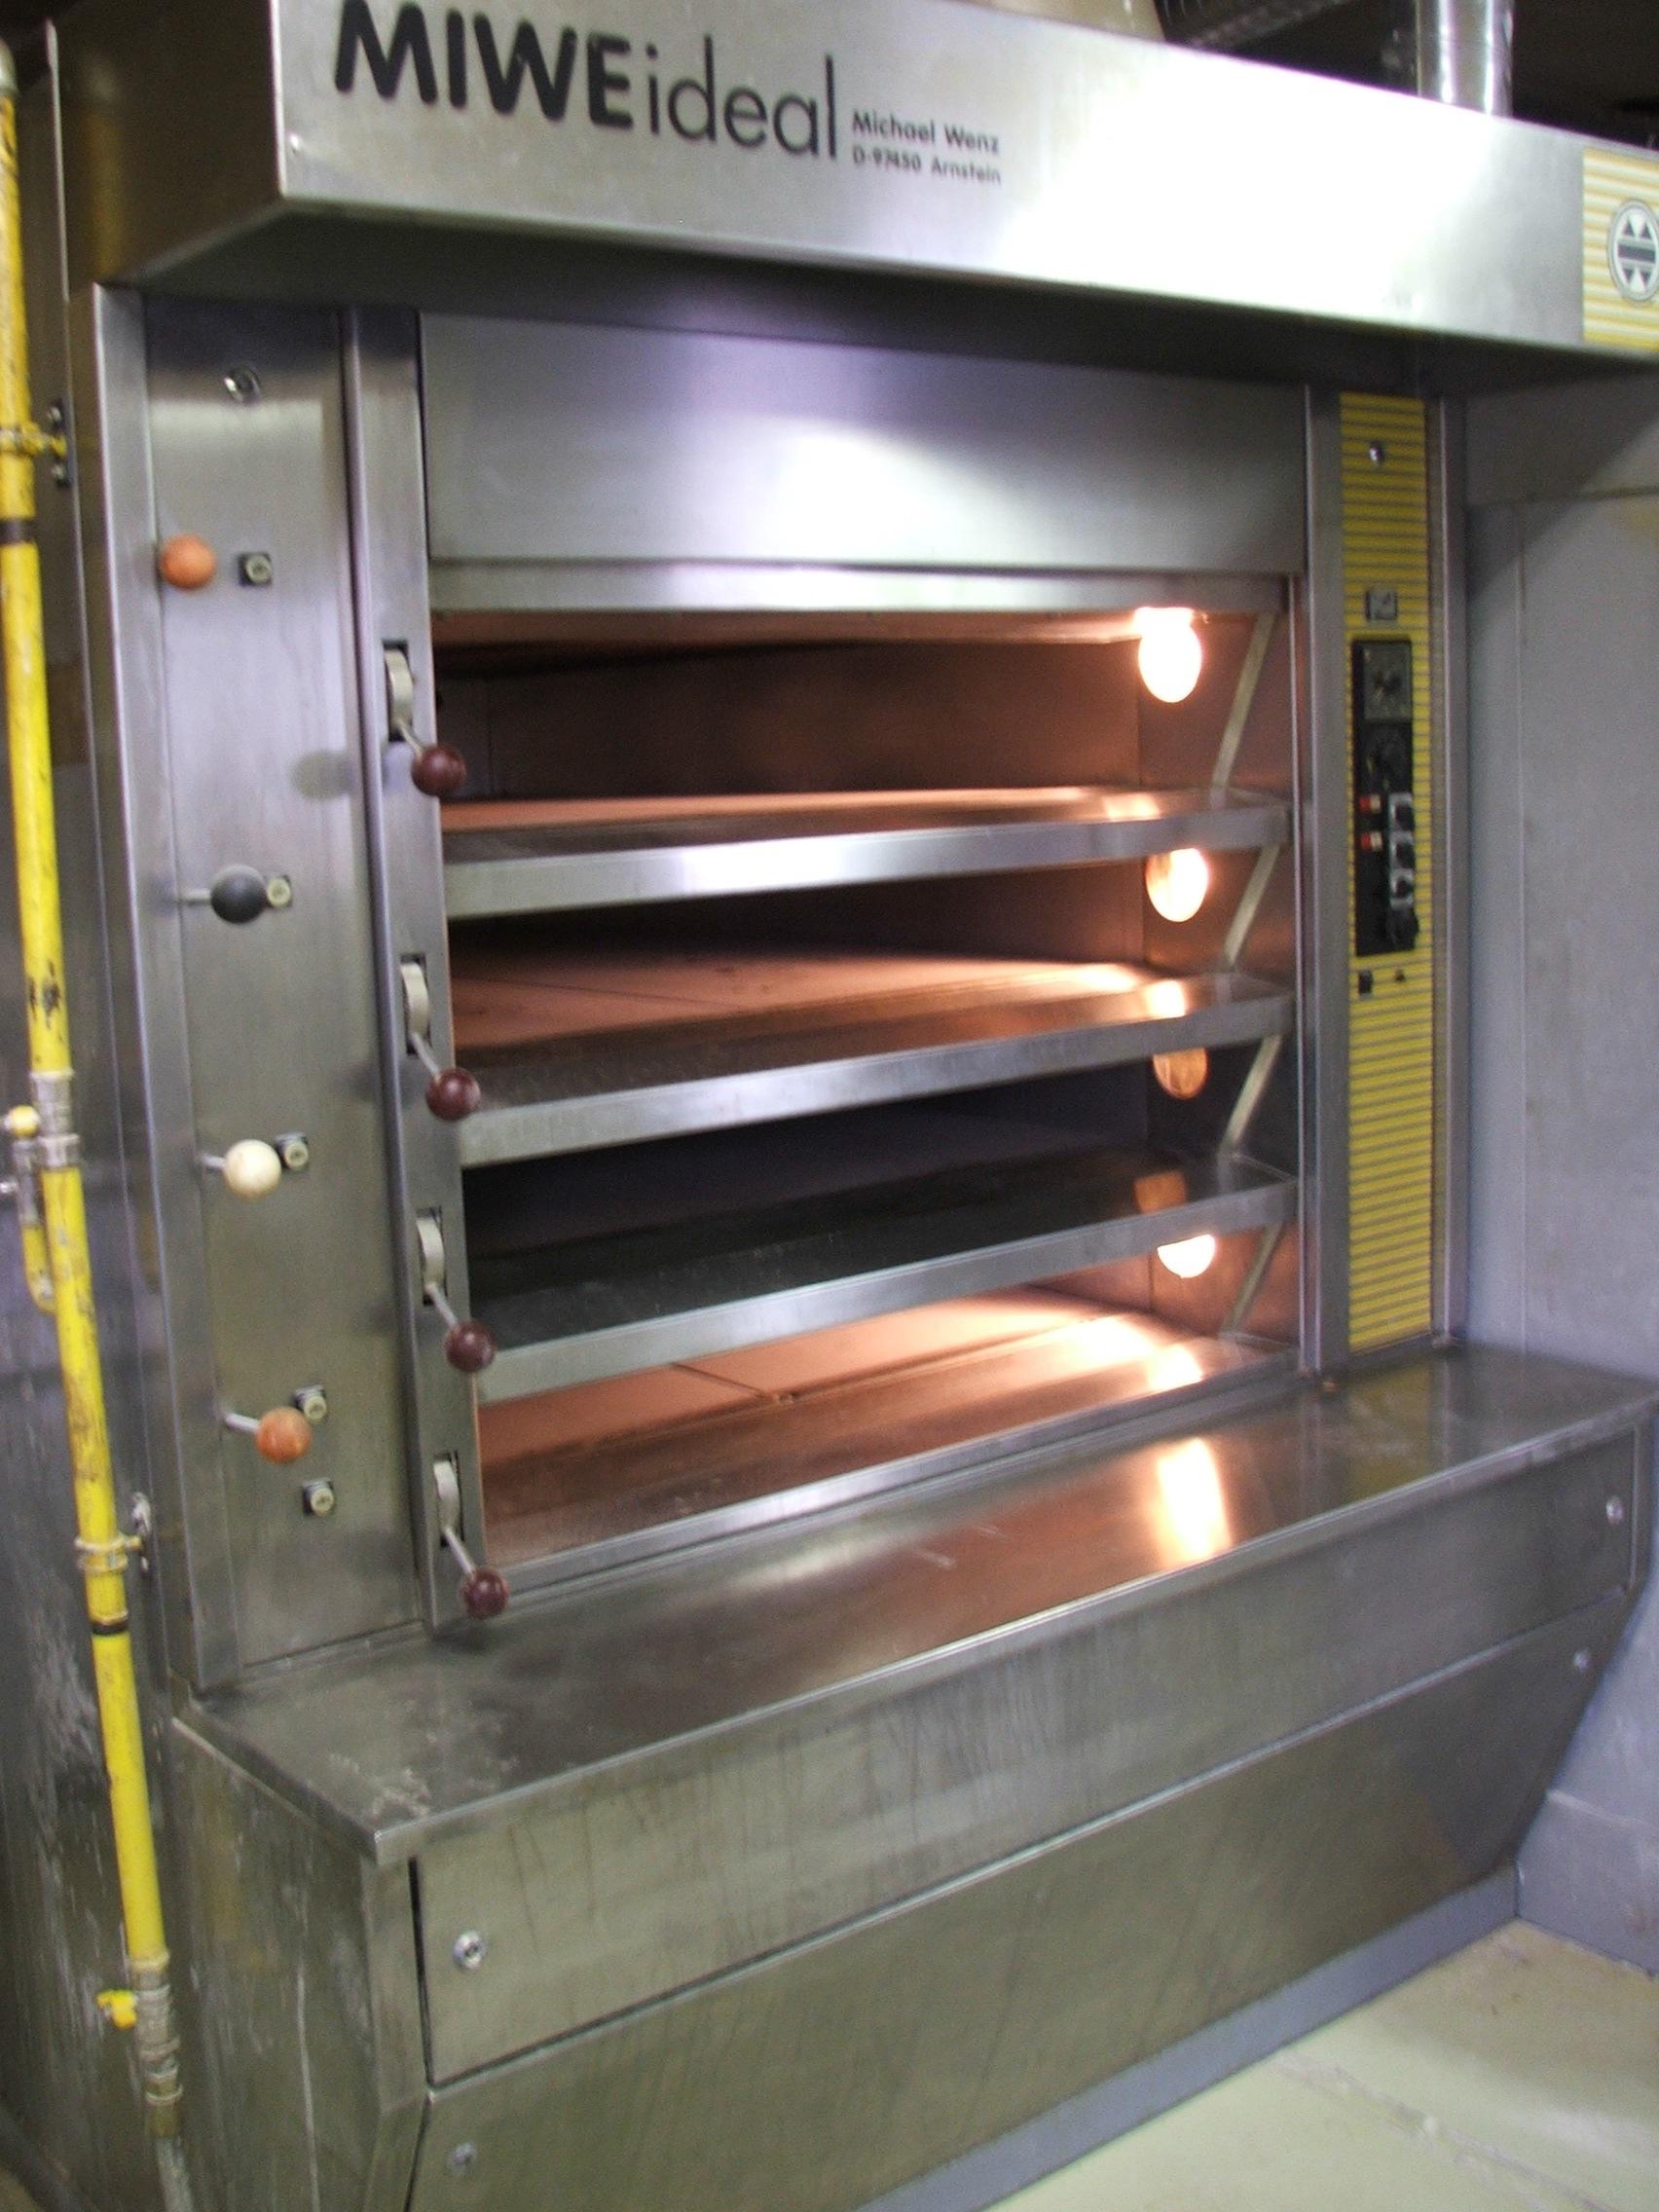 Four de boulangerie MIWE Ideal d'occasion Machines d'occasion - Exapro